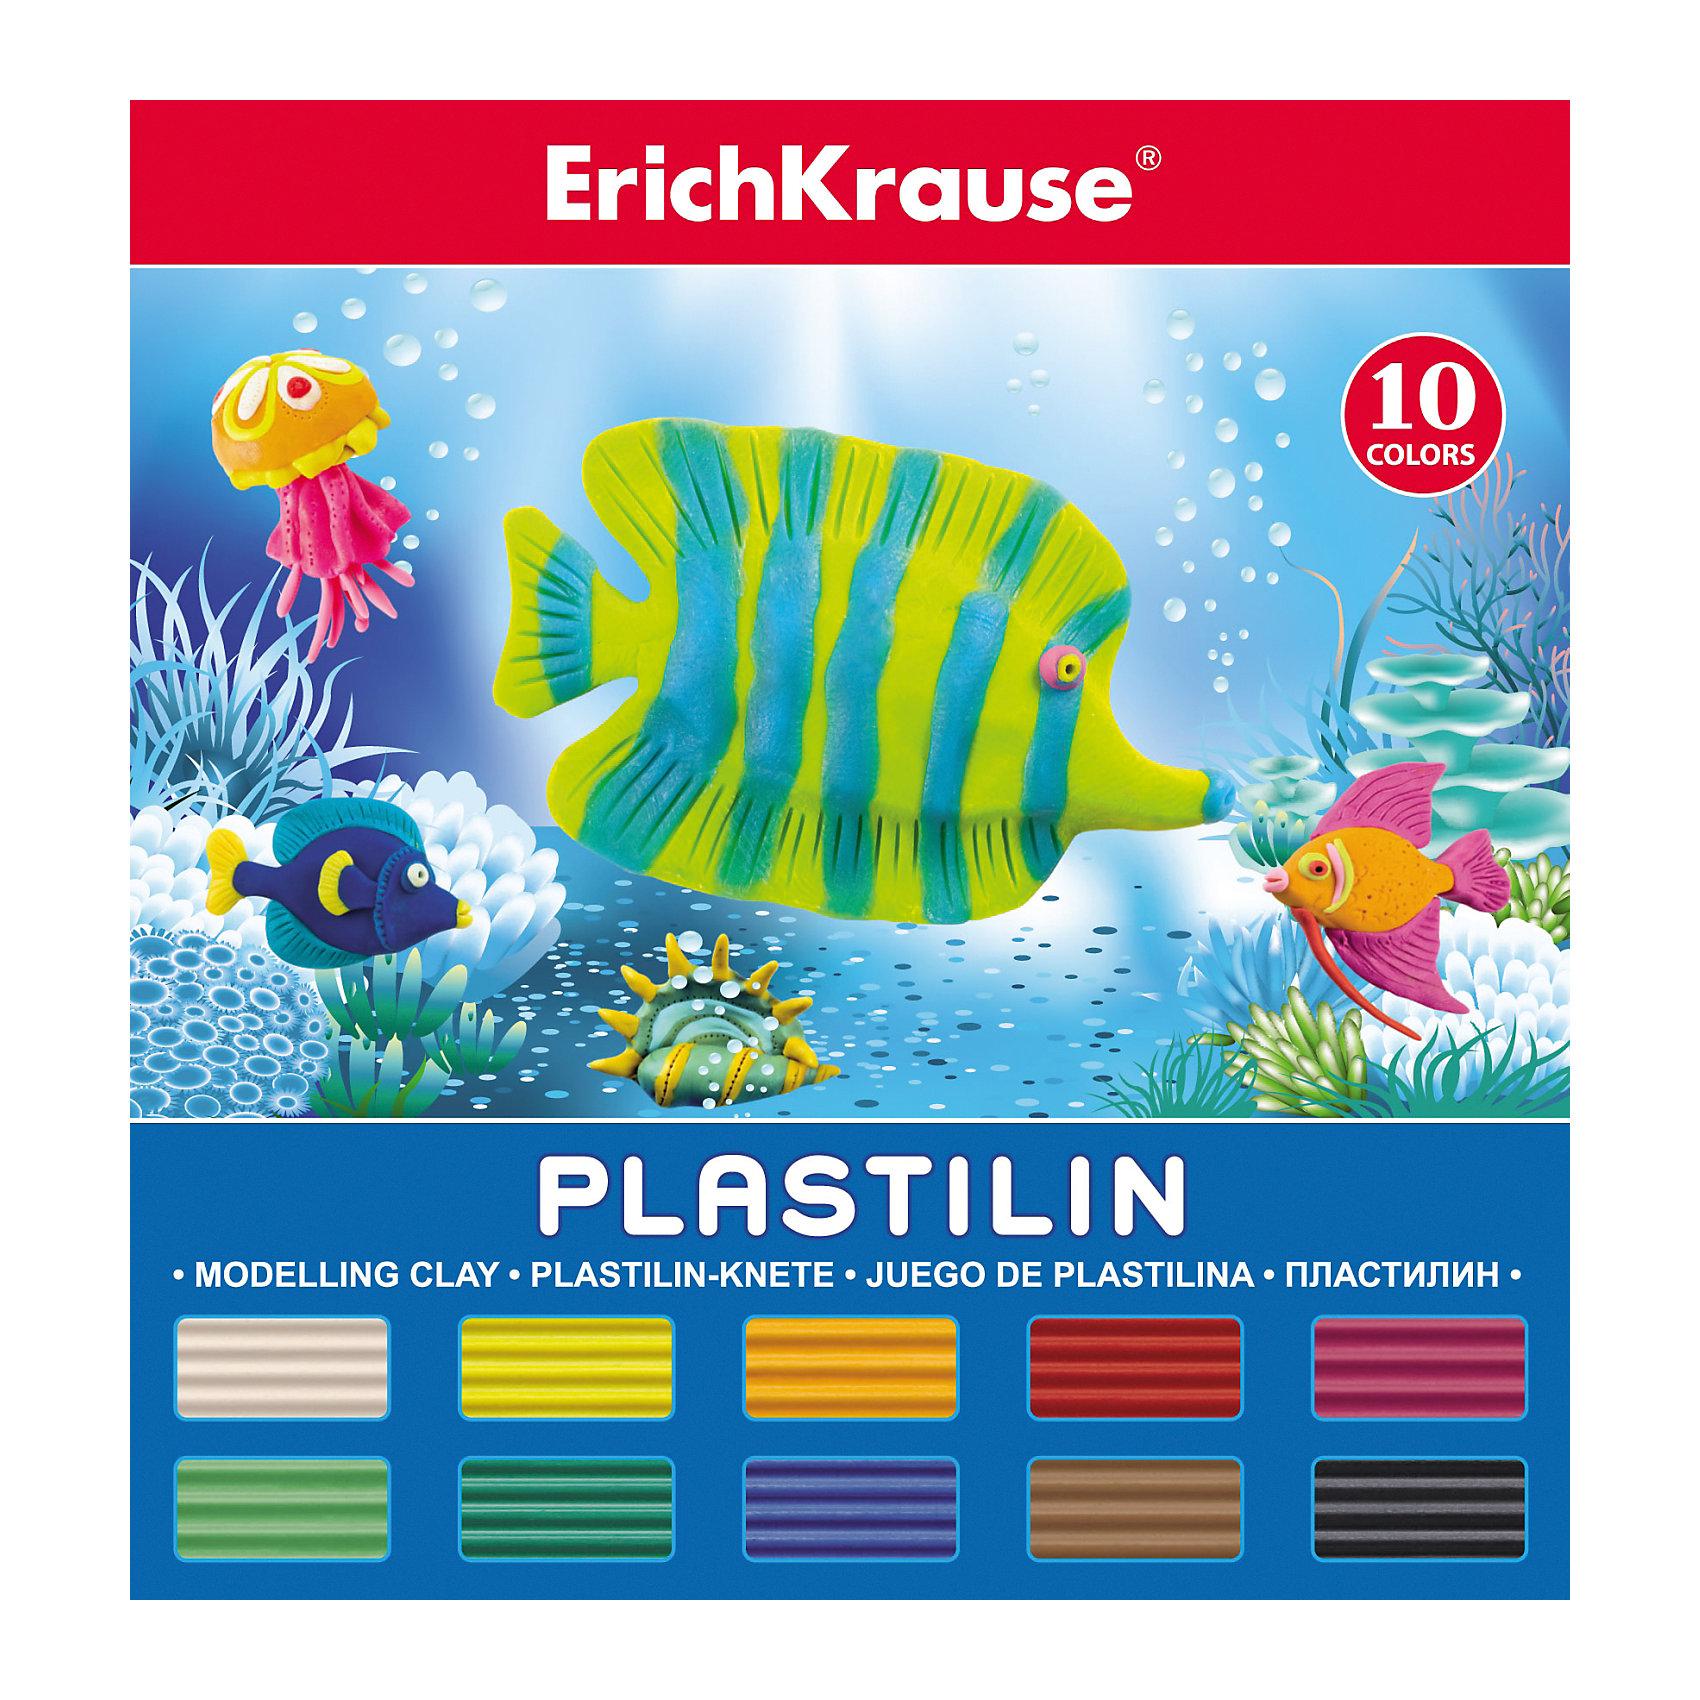 Пластилин 10 цветов, 180г, со стекомРисование и лепка<br>Пластилин 10 цветов, 180г, со стеком<br><br>Характеристики:<br><br>• В набор входит: 10 брусочков пластилина, лопаточка-стек<br>• Размер упаковки: 15 * 1,7 * 14 см.<br>• Вес: 216 г.<br>• Для детей в возрасте: от 3-х лет<br>• Страна производитель: Китай<br><br>В набор входит лопаточка для пластилина, с ней вы сможете разрезать пластилин, делать его плоским или рифленым. Насыщенные цвета пластилина почти не оставляют следов на руках и могут перемешиваться между собой. Поделки из разных цветов отлично прикрепляются друг к другу. Работая с пластилином вы можете делать объемные фигурки, а также можете наносить пластилин на бумагу, картон или даже стекло, чтобы выполнять новые картины или даже фрески. <br><br>В набор входят основные десять цветов, которые помогут создать настоящие шедевры. Занимаясь лепкой дети развивают моторику рук, творческие способности, восприятие цветов и их сочетаний, а также лепка благотворно влияет на развитие речи, координацию движений, память и логическое мышление. Лепка всей семьей поможет весело и пользой провести время!<br><br>Пластилин 10 цветов, 180г, со стеком можно купить в нашем интернет-магазине.<br><br>Ширина мм: 142<br>Глубина мм: 151<br>Высота мм: 17<br>Вес г: 216<br>Возраст от месяцев: 60<br>Возраст до месяцев: 216<br>Пол: Унисекс<br>Возраст: Детский<br>SKU: 5409290